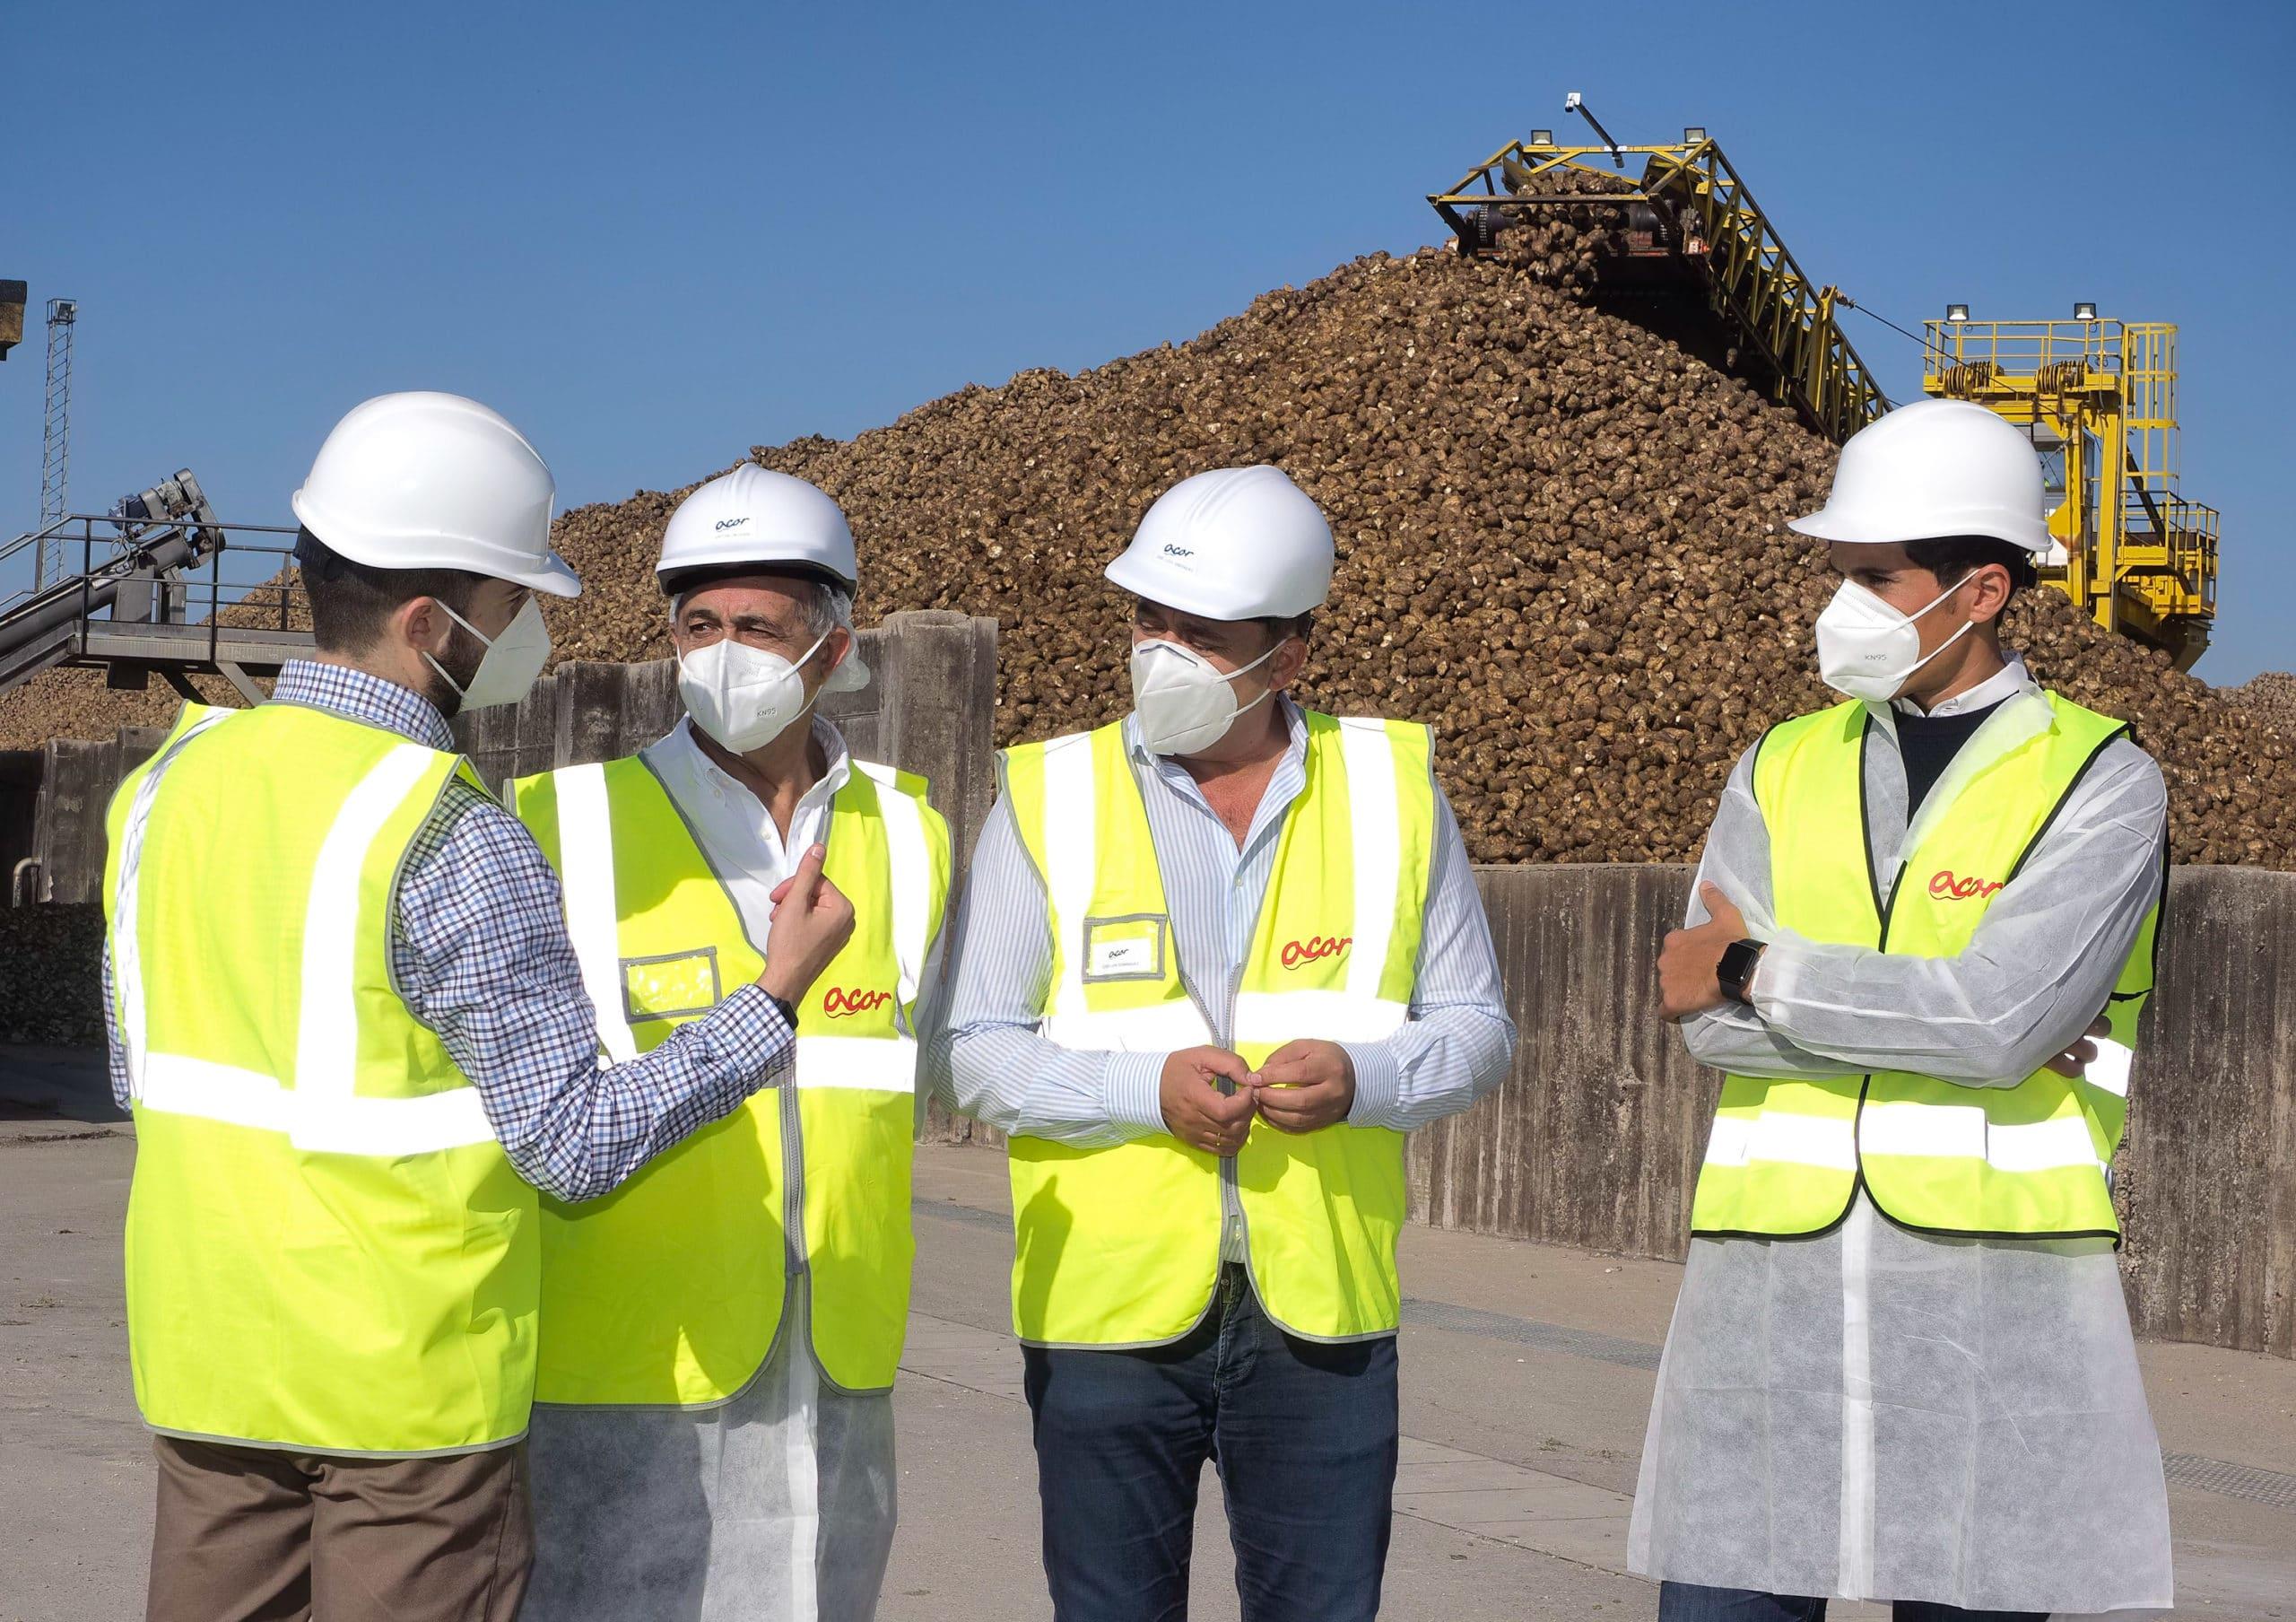 Remolacha 5G, proyecto de Acor, pretende contratar 13.000 hectáreas anuales